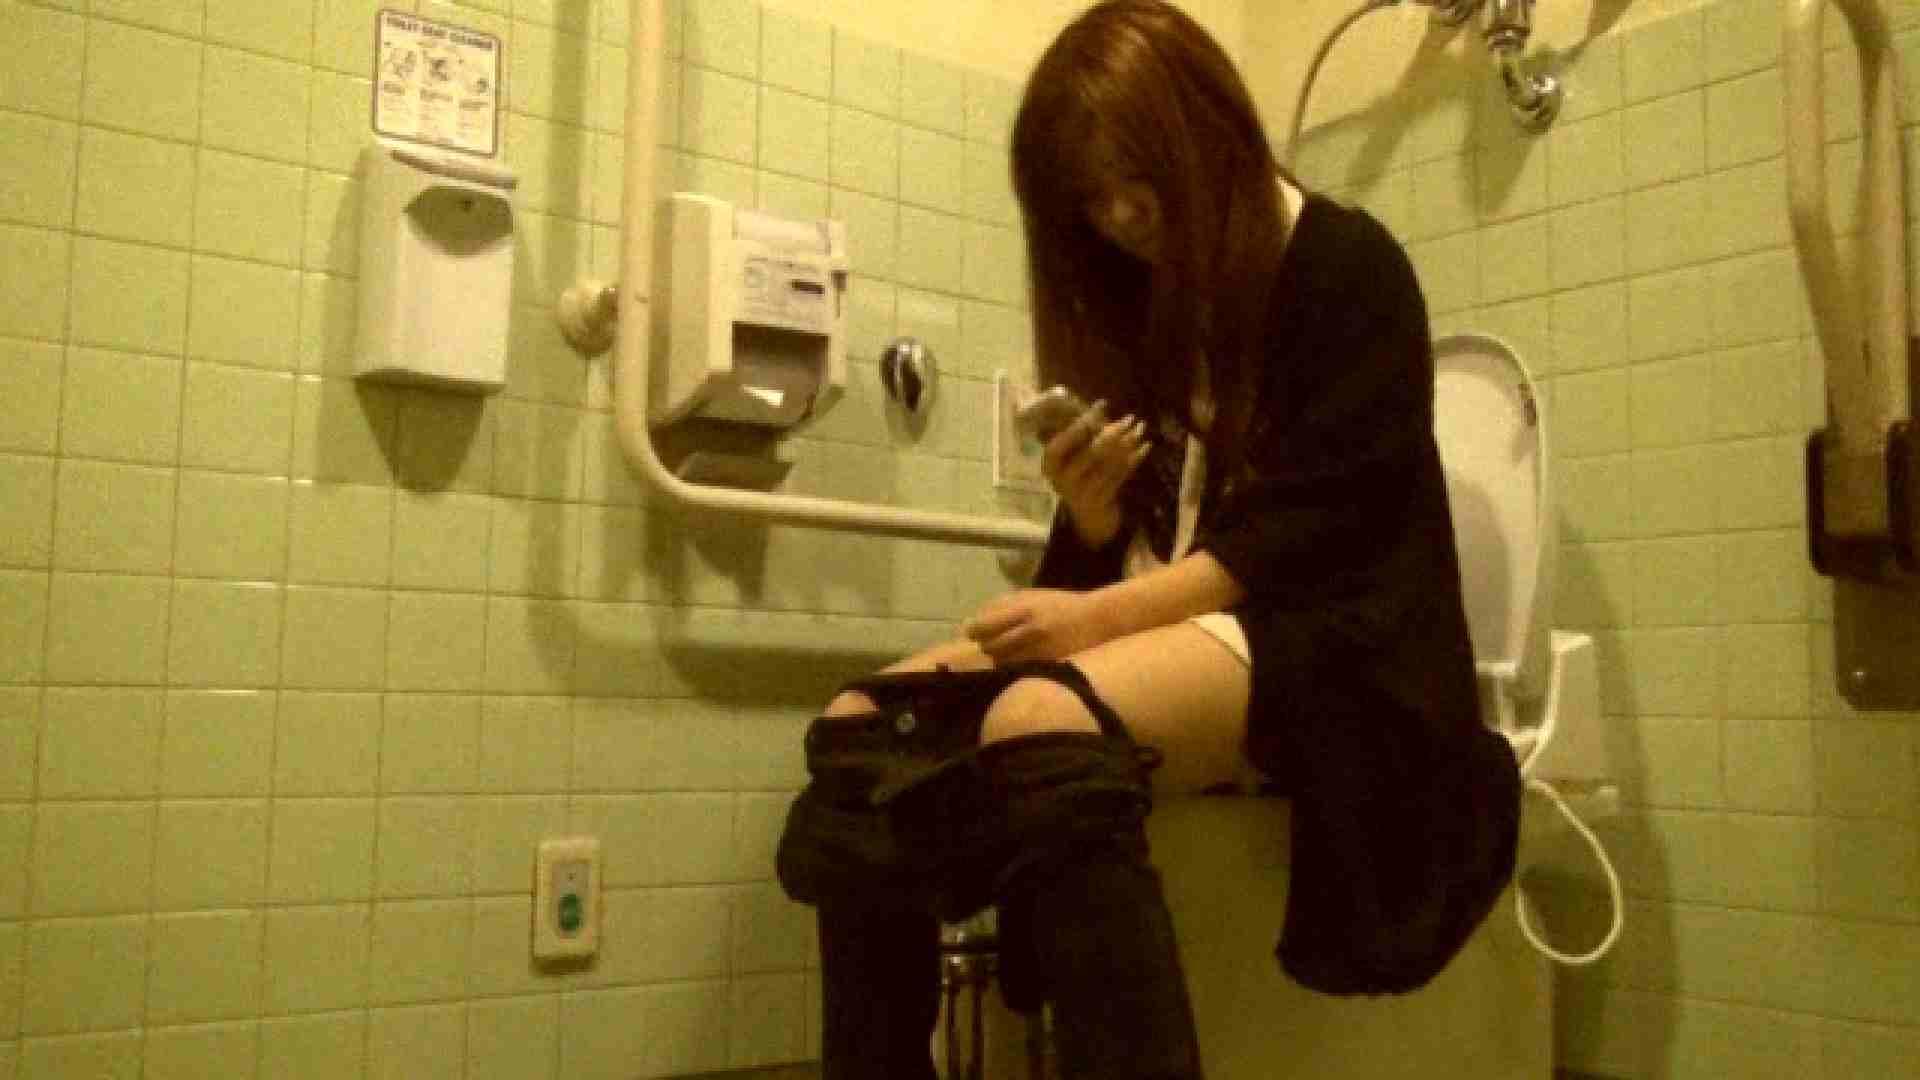 魔術師の お・も・て・な・し vol.26 19歳のバーの店員さんの洗面所をしばし… 洗面所 | 美女OL  54連発 37